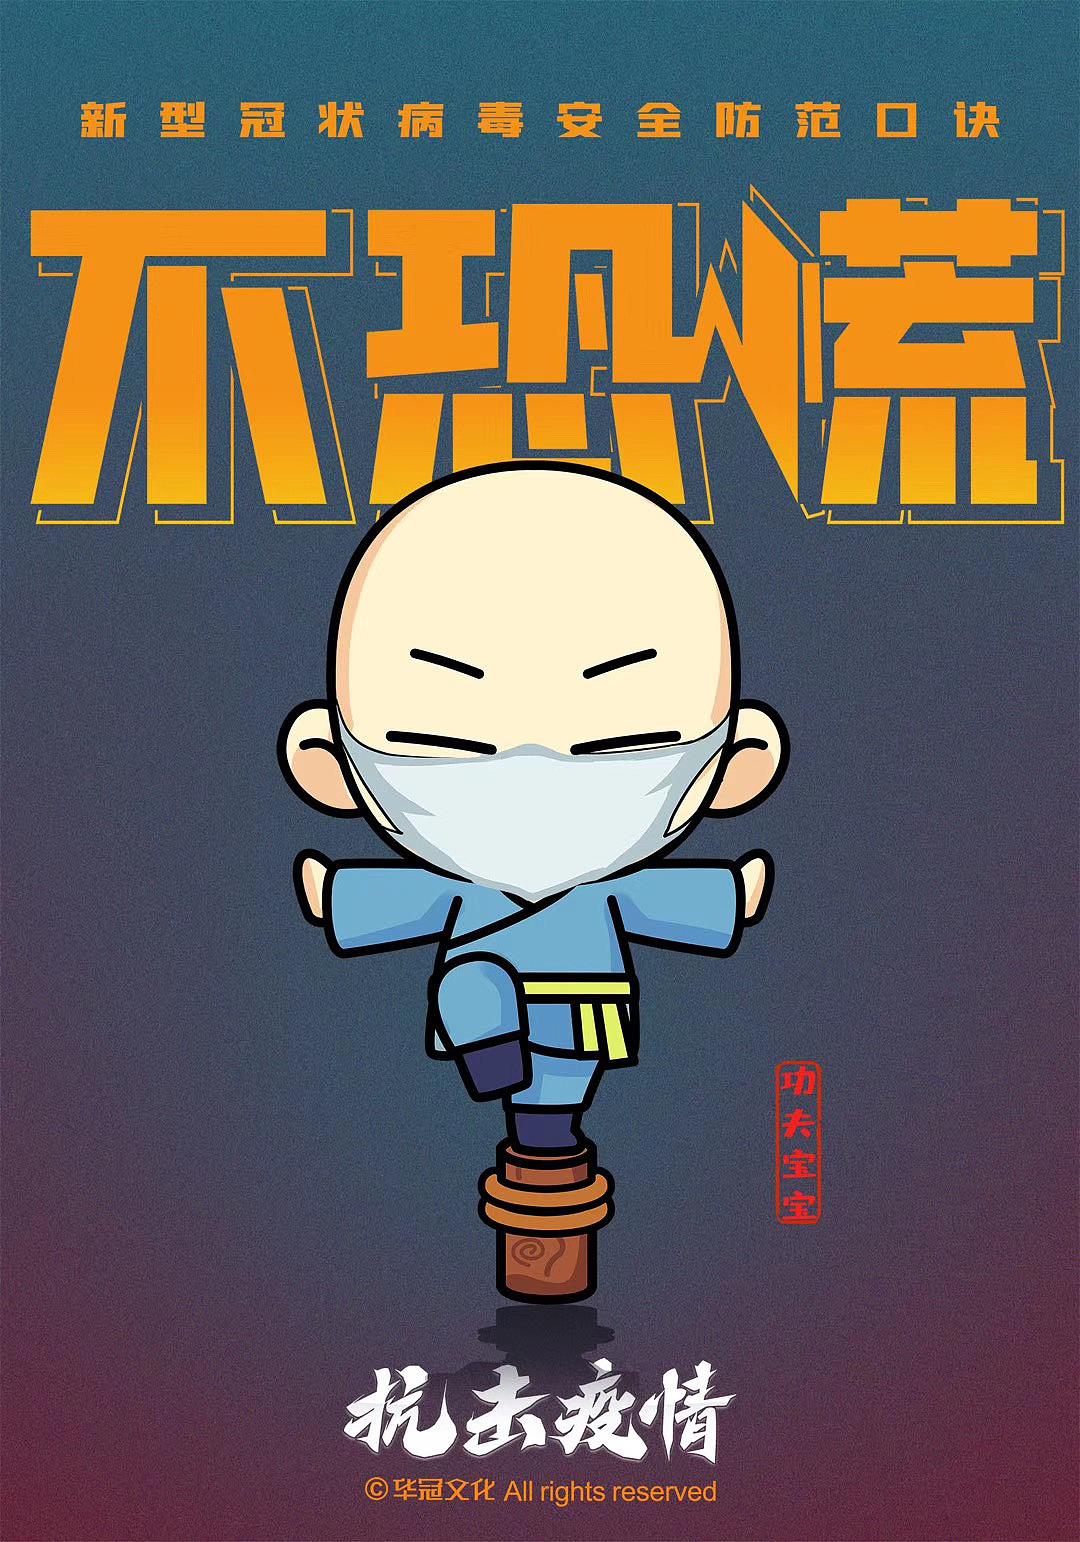 原创ip漫画教你新型冠状病毒安全防疫口诀图片